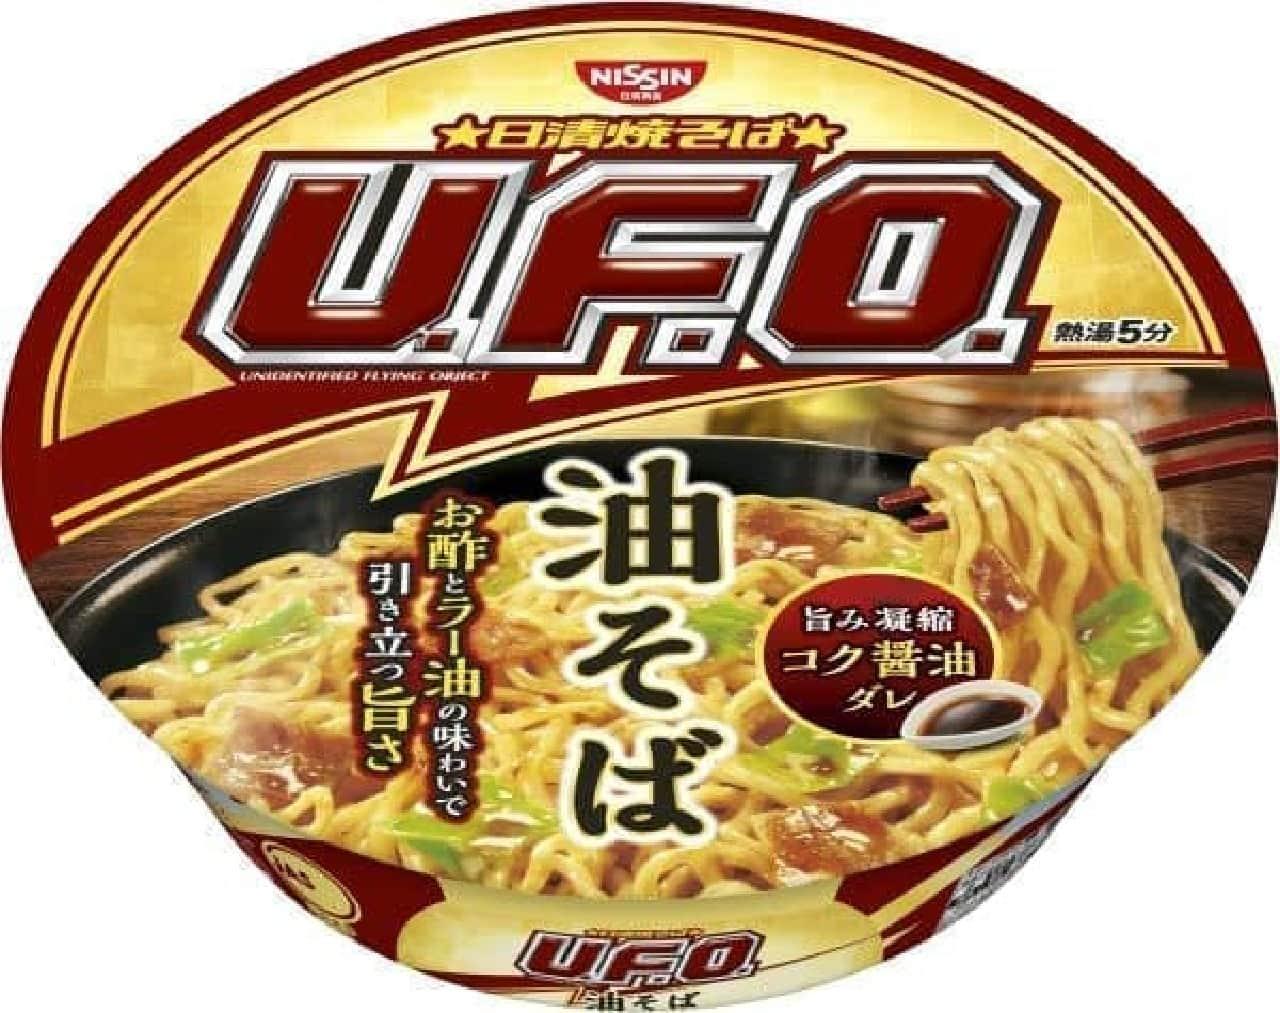 日清食品「日清焼そばU.F.O. 油そば」